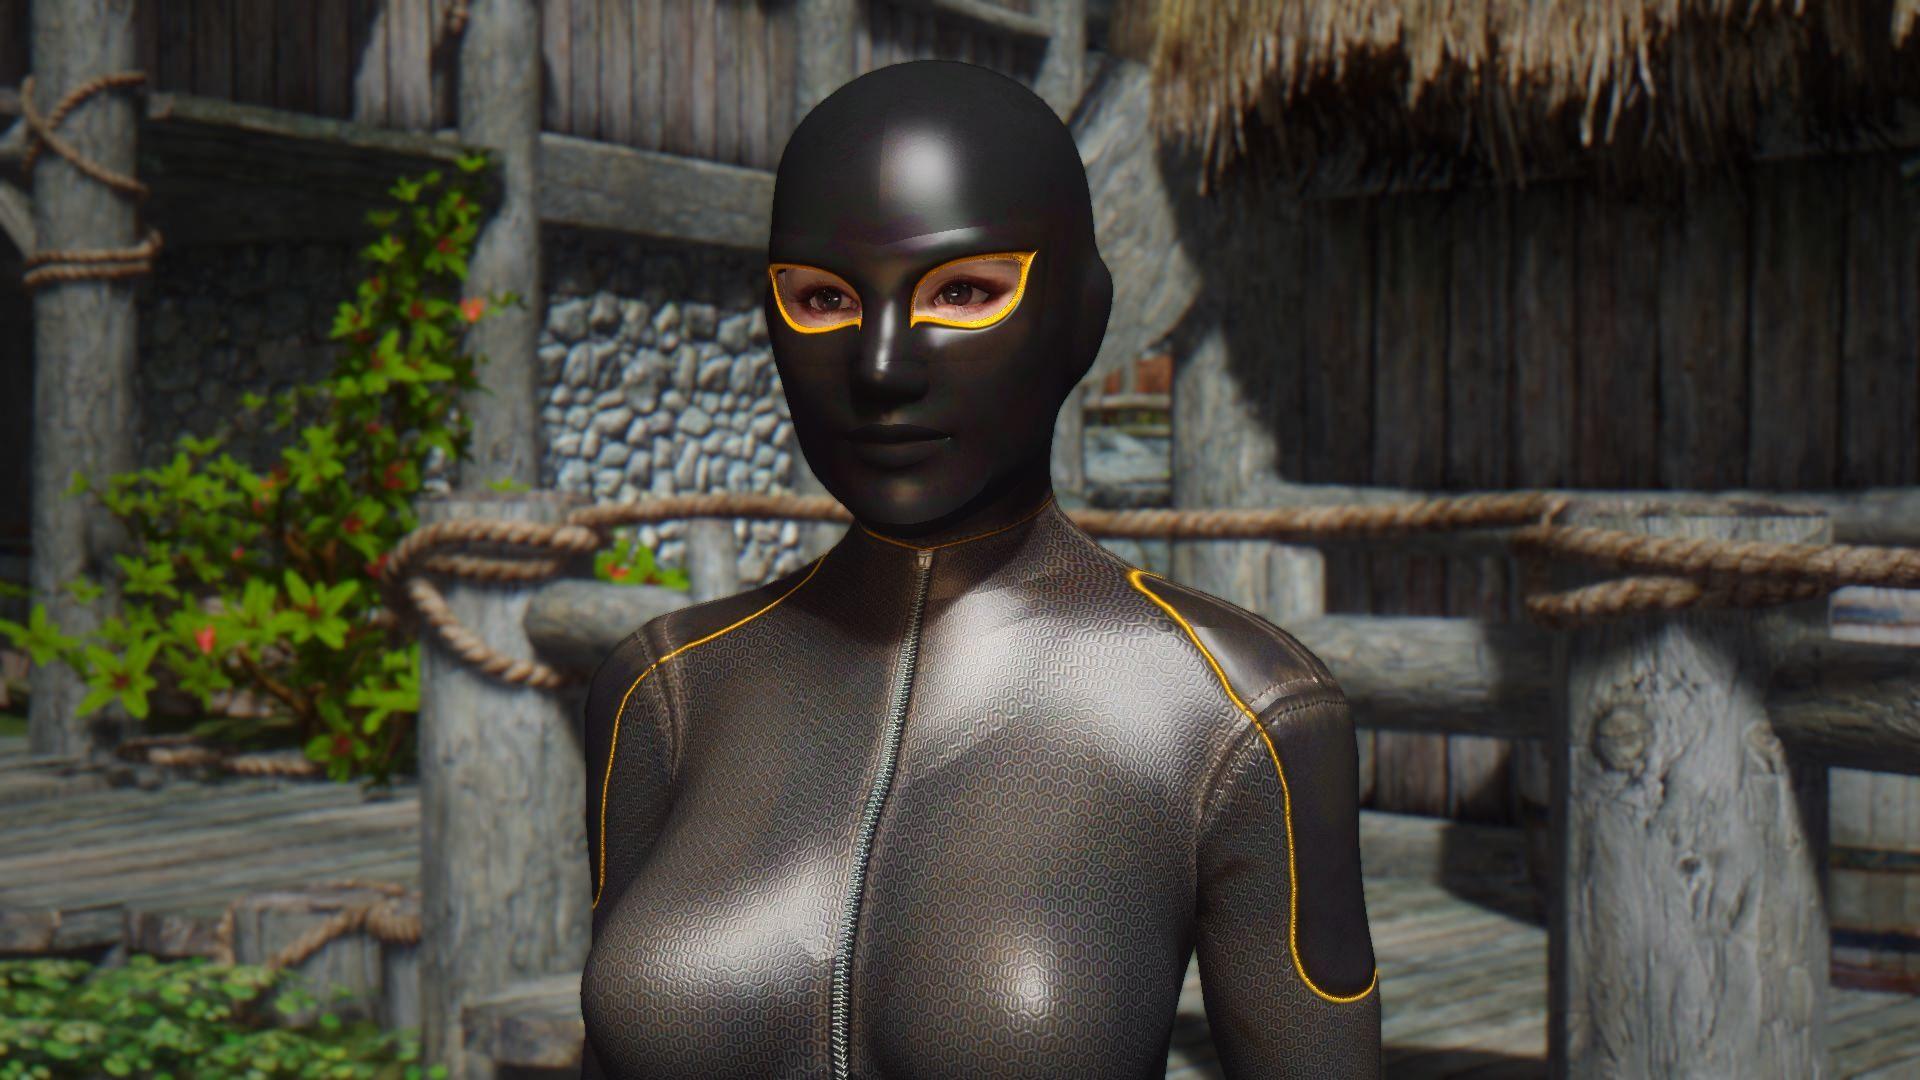 Super_Bodysuit_UNPB_1.jpg